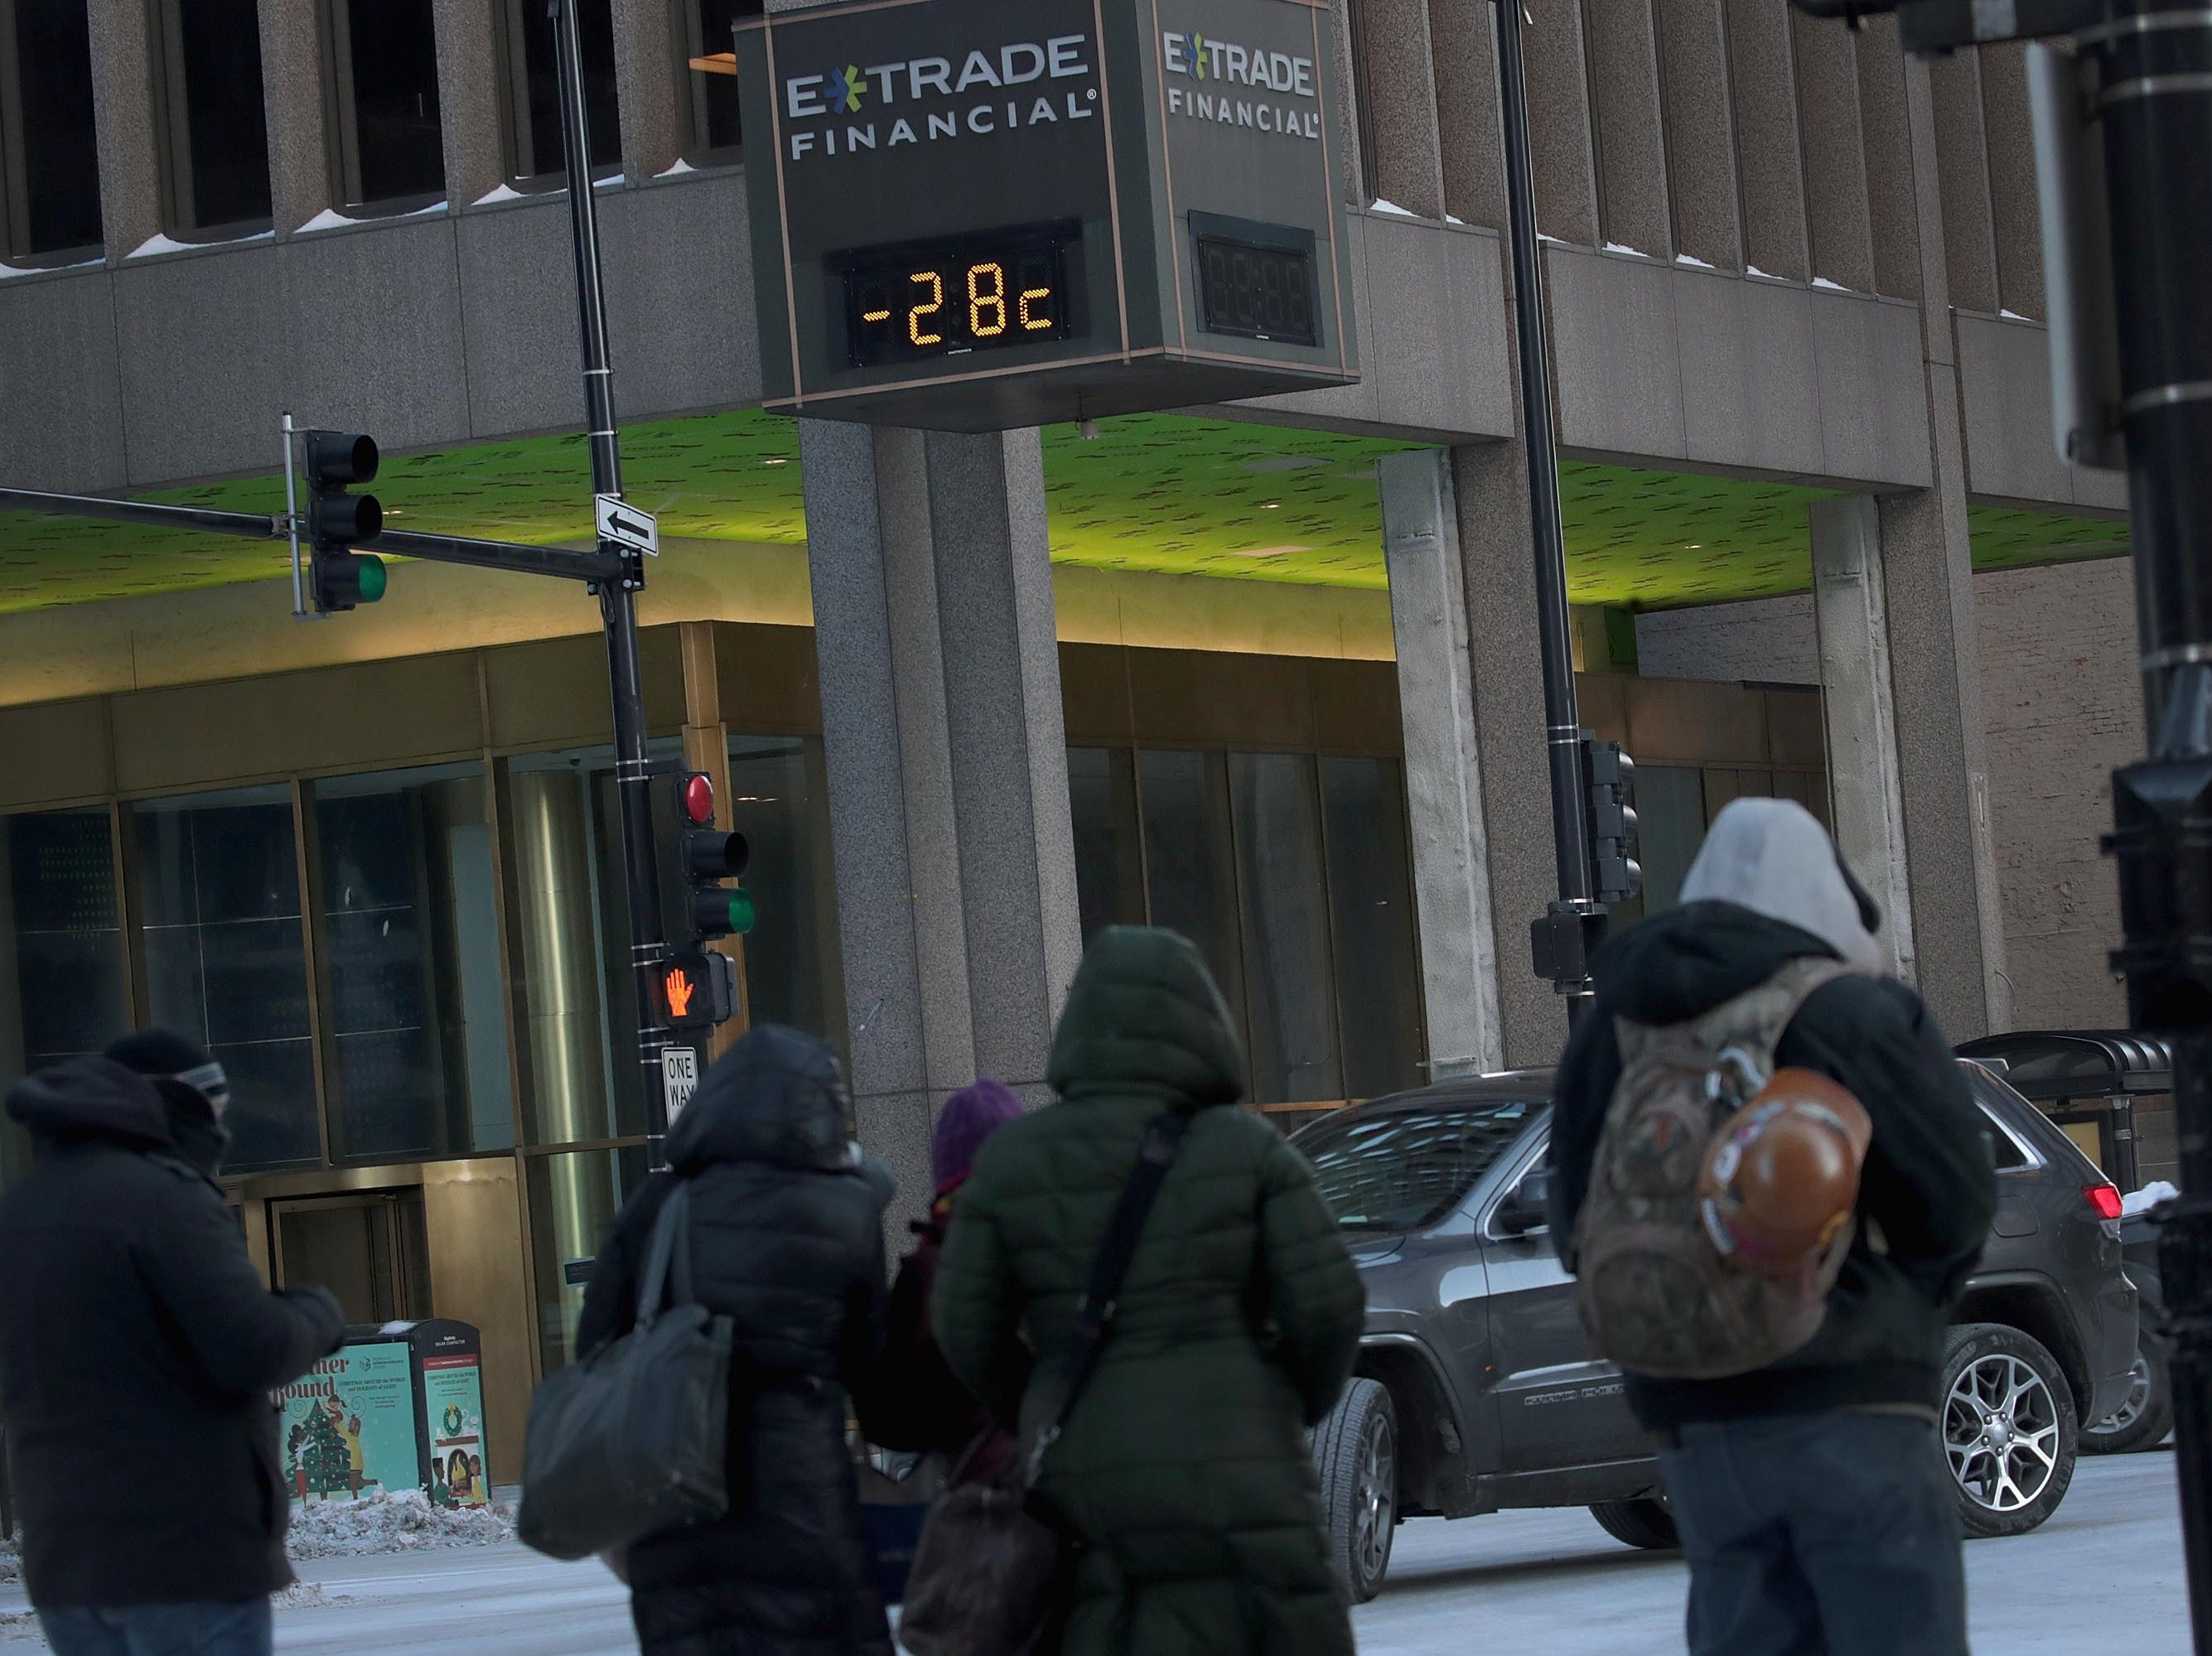 Transeuntes caminan cerca de un termómetro que registra -28 grados Celsius en el Loop el 30 de enero de 2019 en Chicago, Illinois.